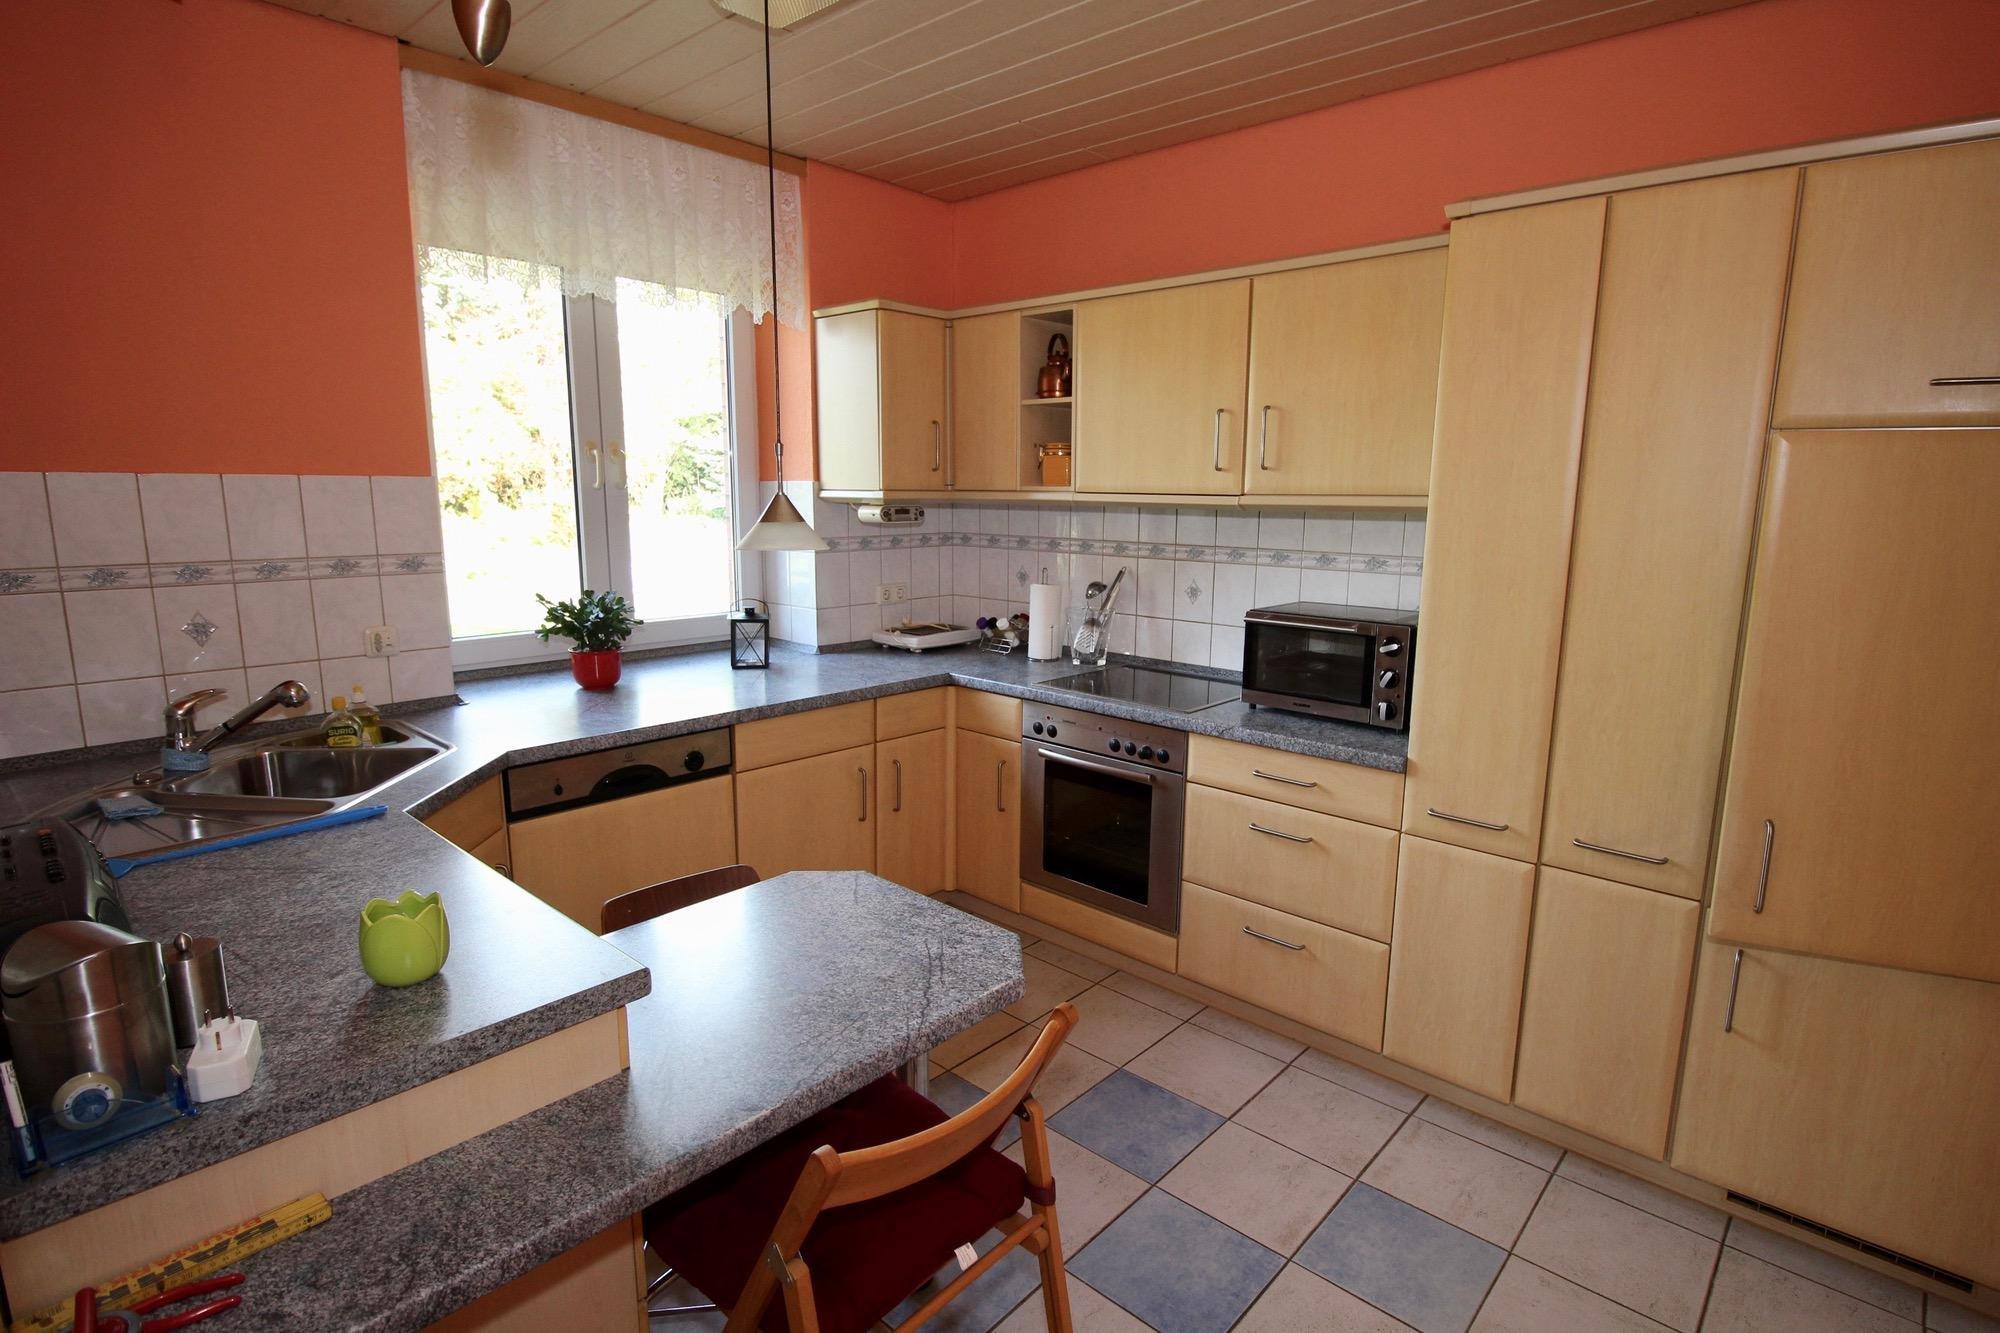 gut ausgestattete Einbauküche im Erdgeschoss